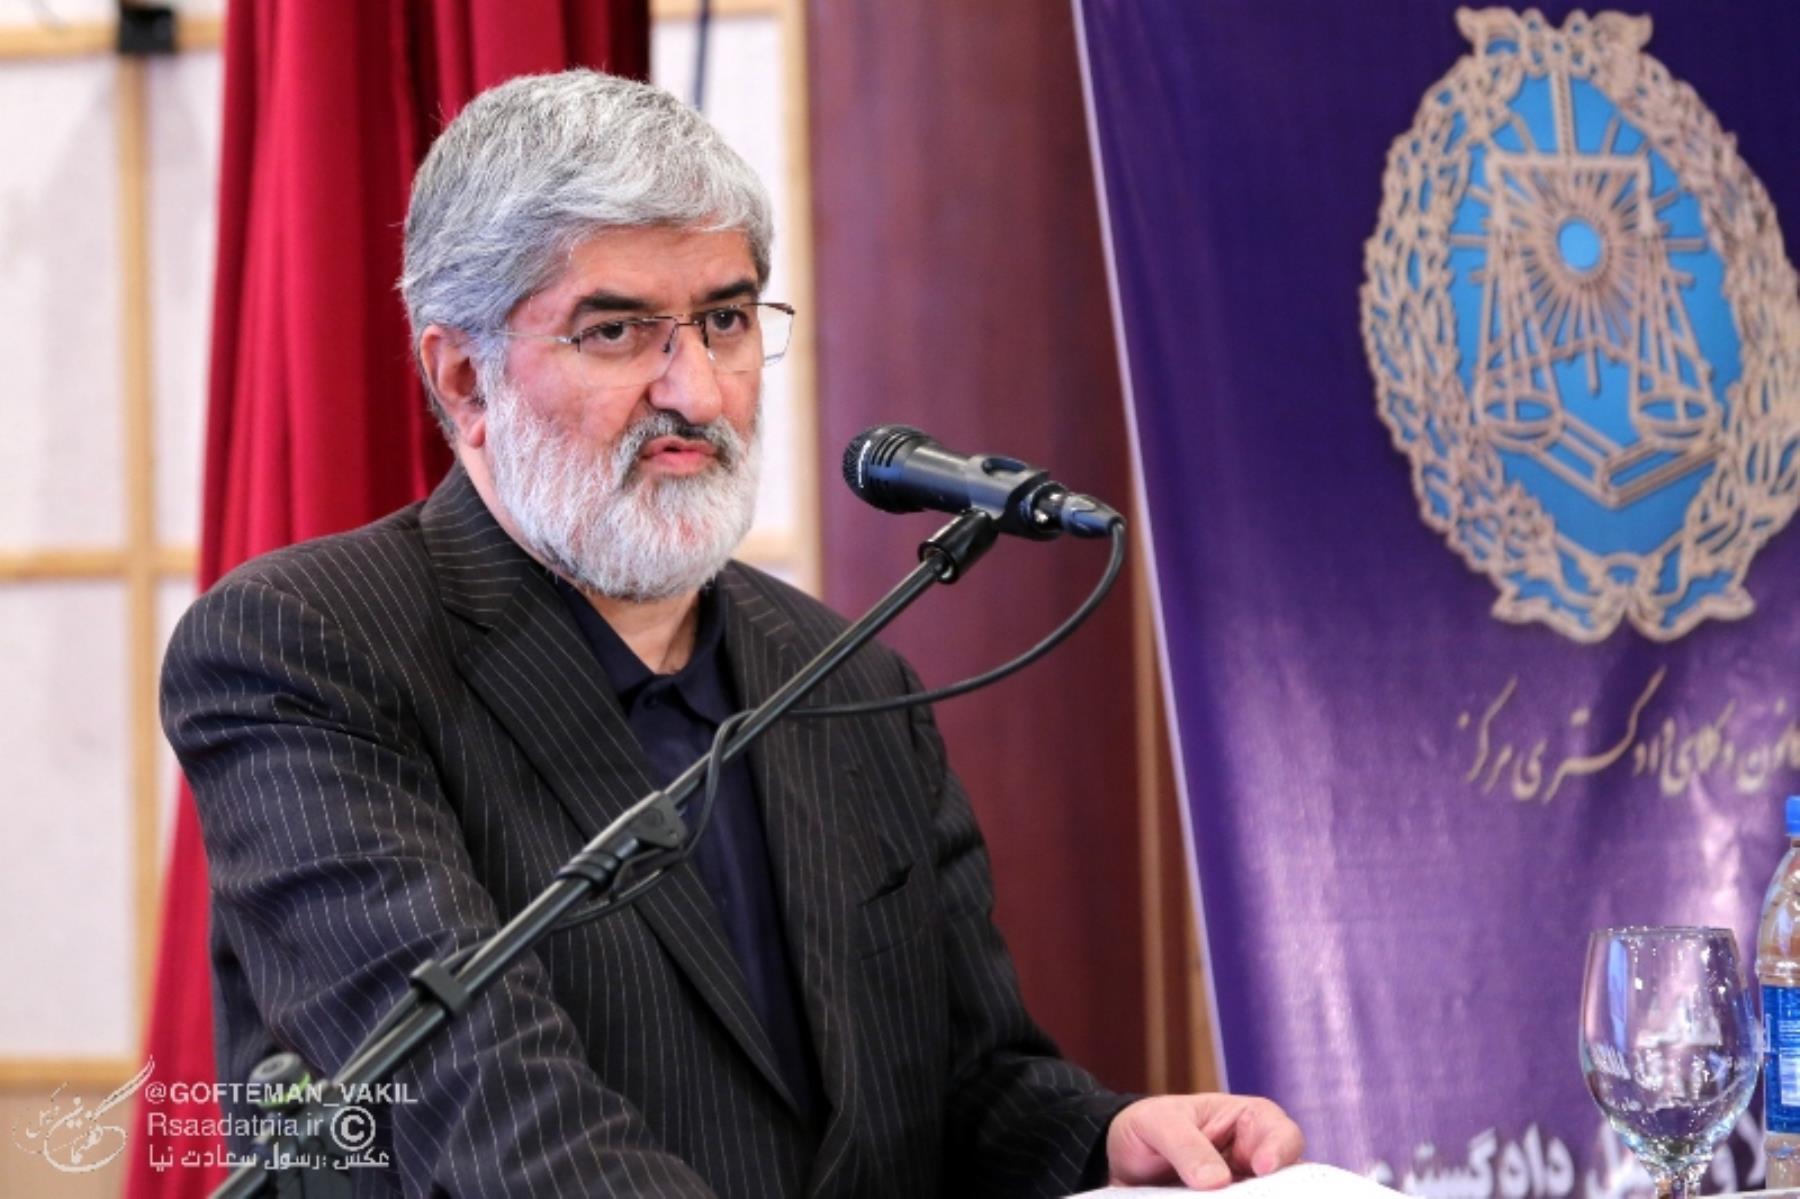 علی مطهری  نماینده تهران